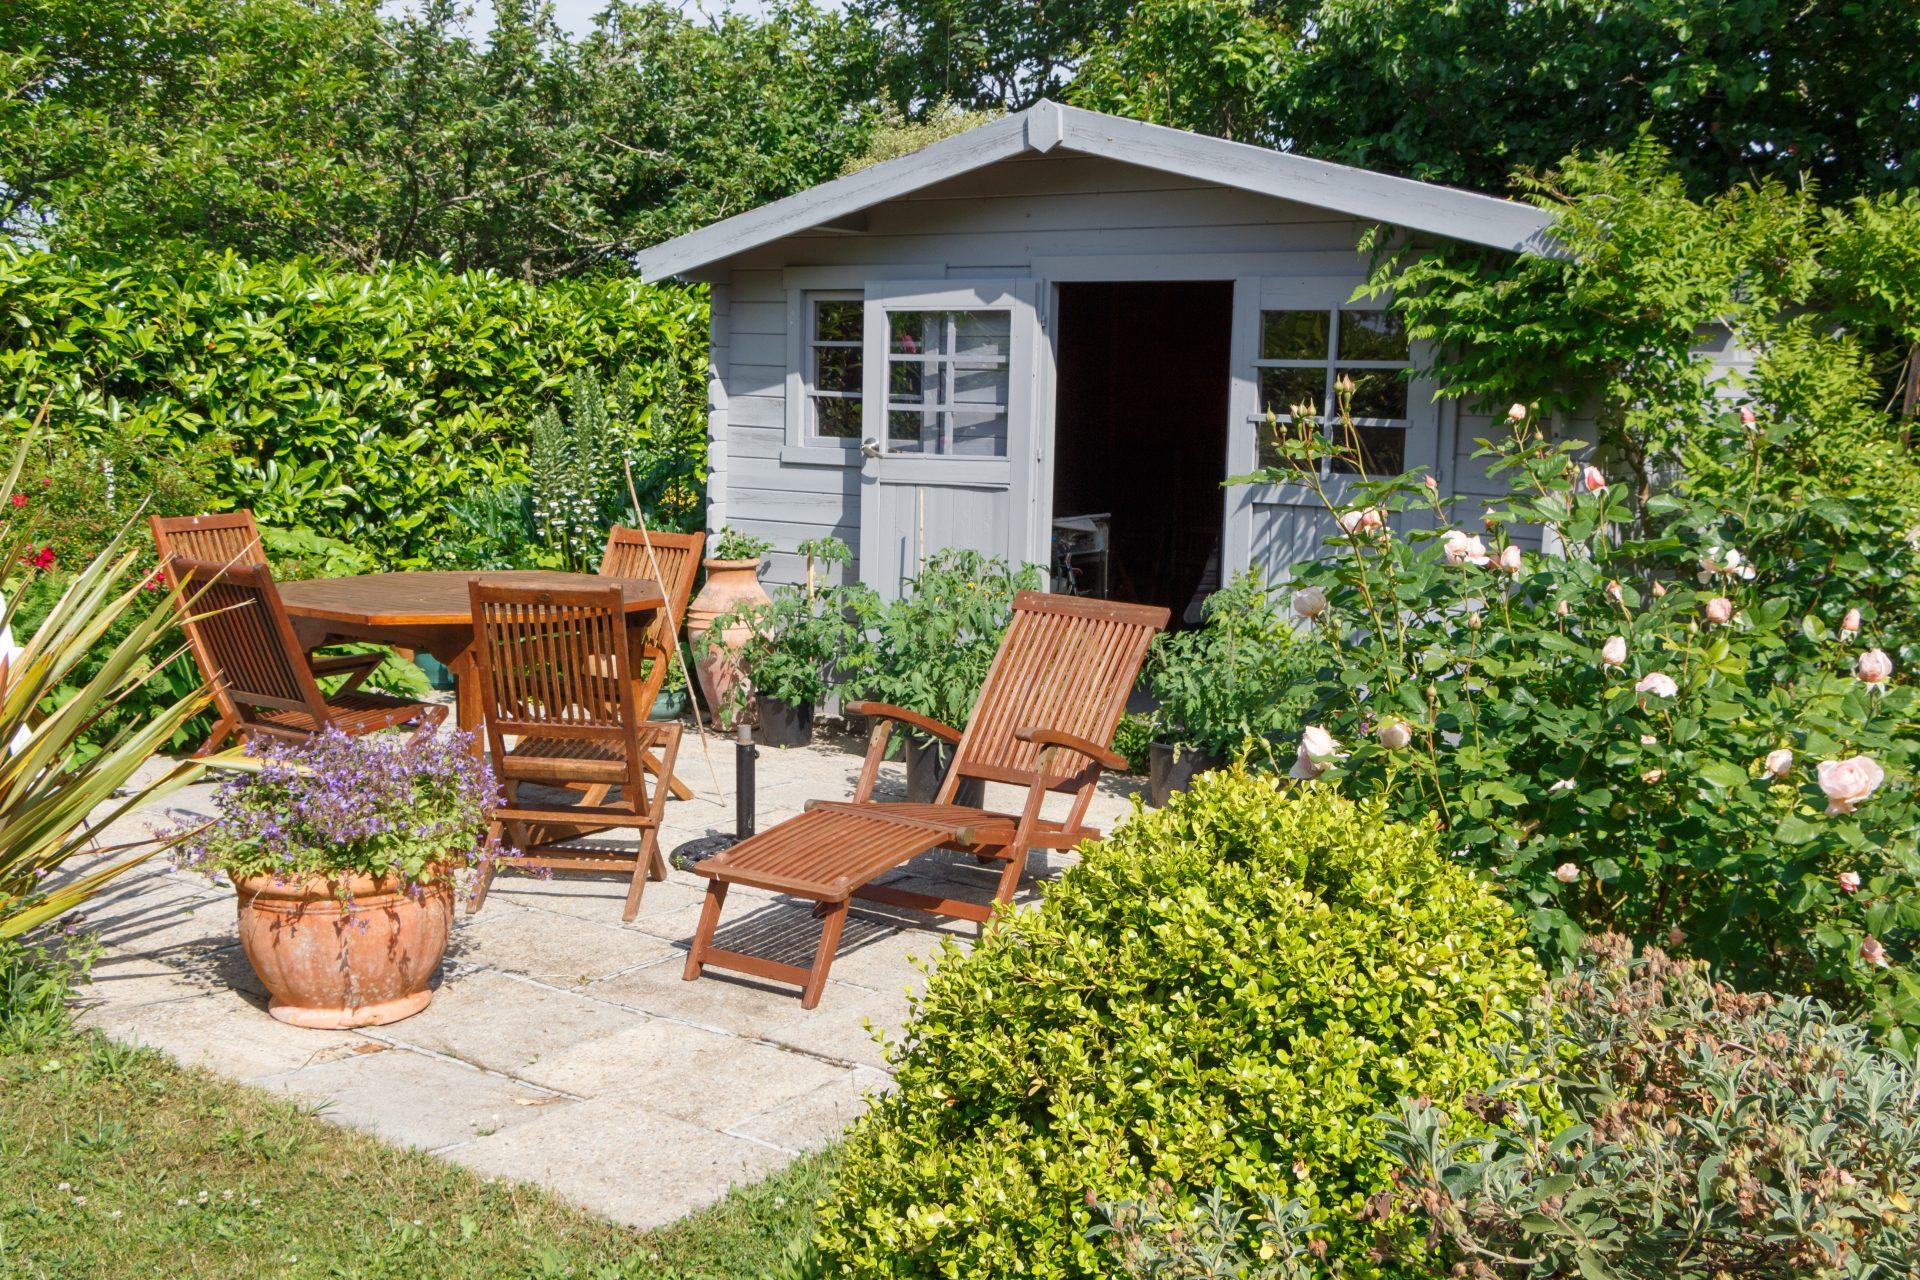 Op deze slimme manieren maak je optimaal gebruik van je tuinhuisje